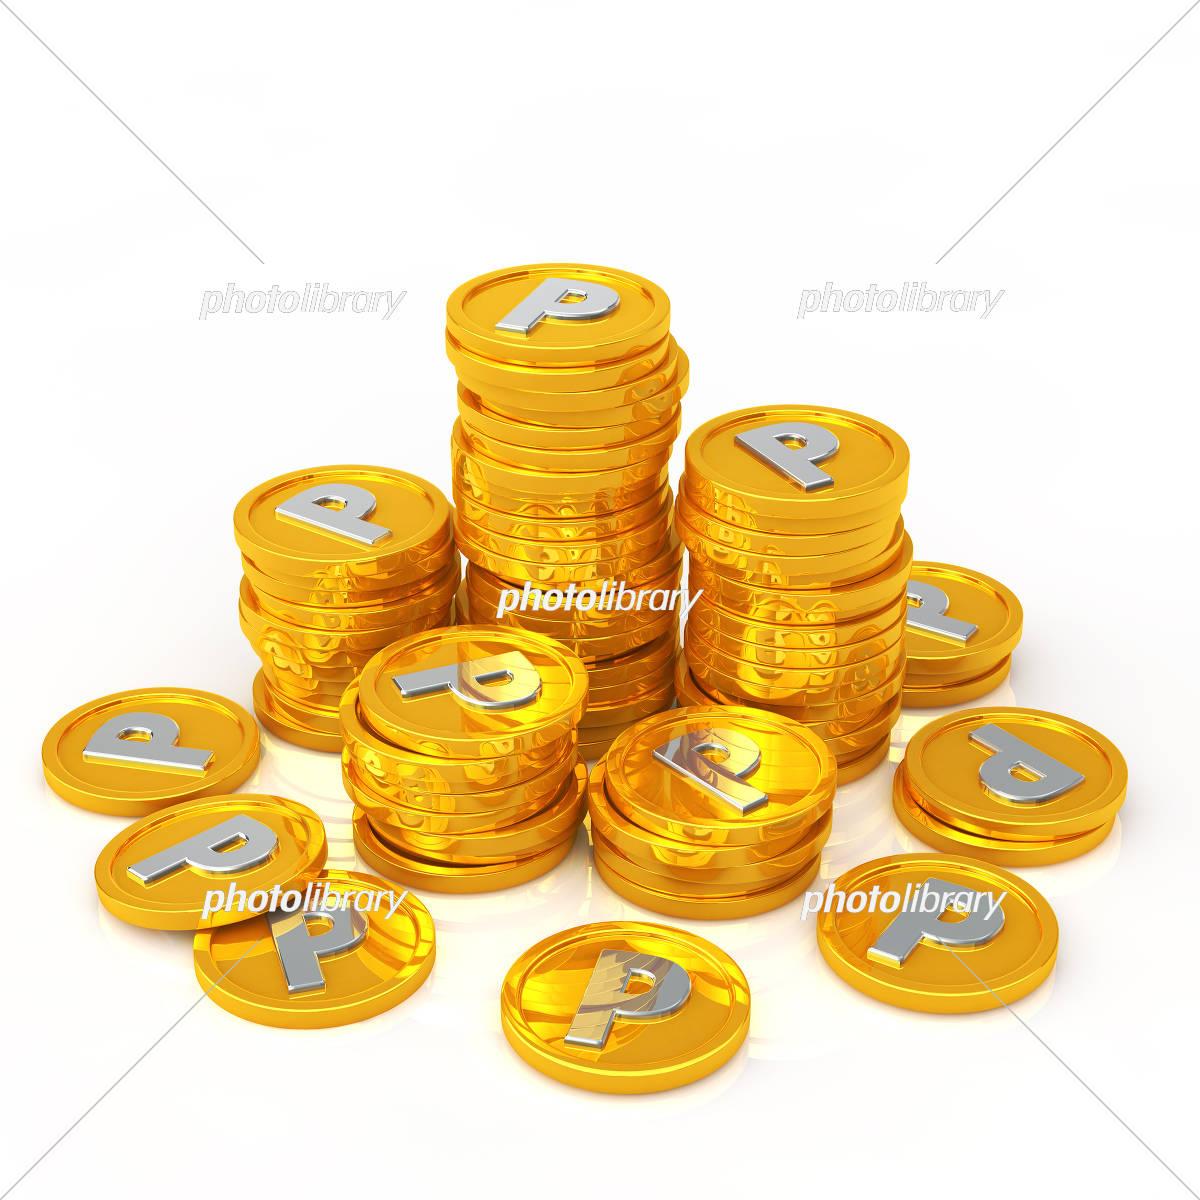 Point coin イラスト素材